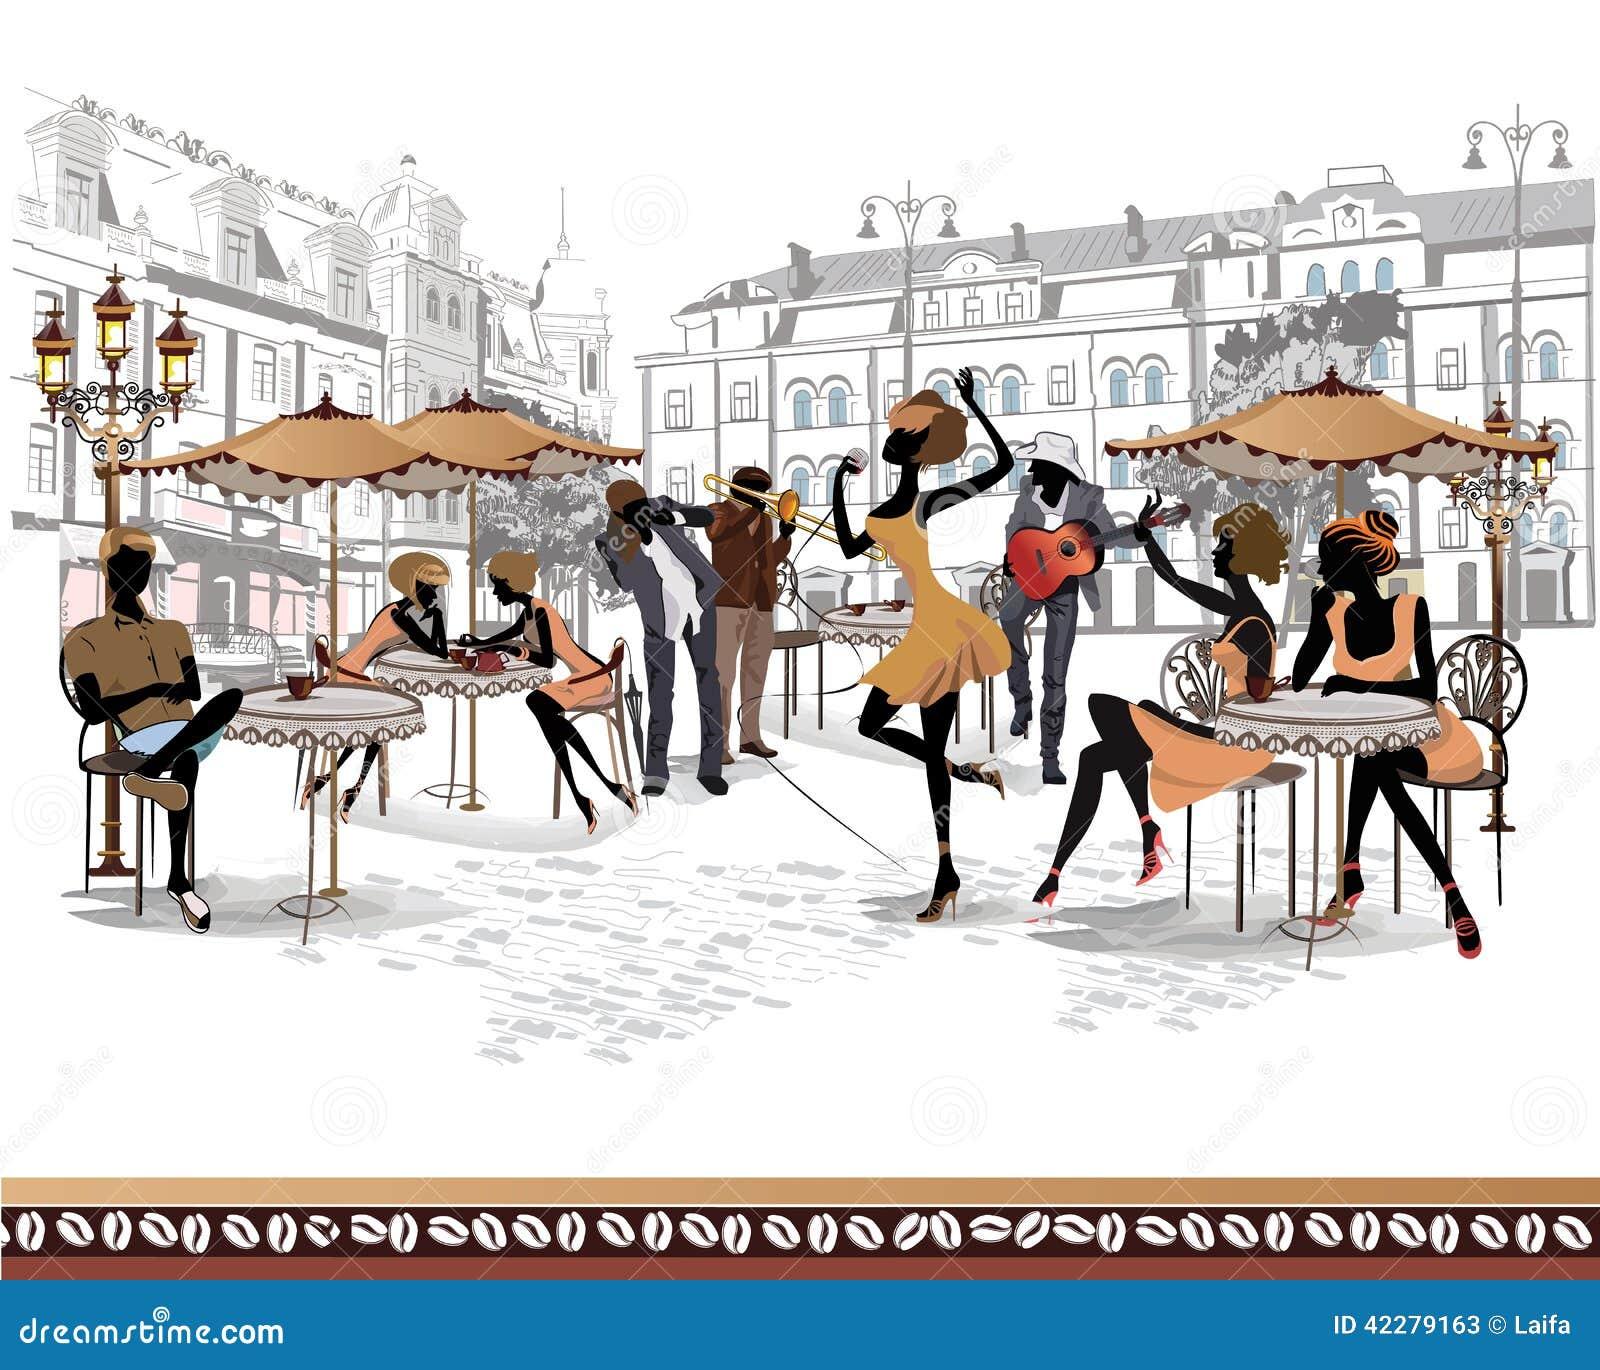 Série de vues de rue dans la vieille ville avec des musiciens